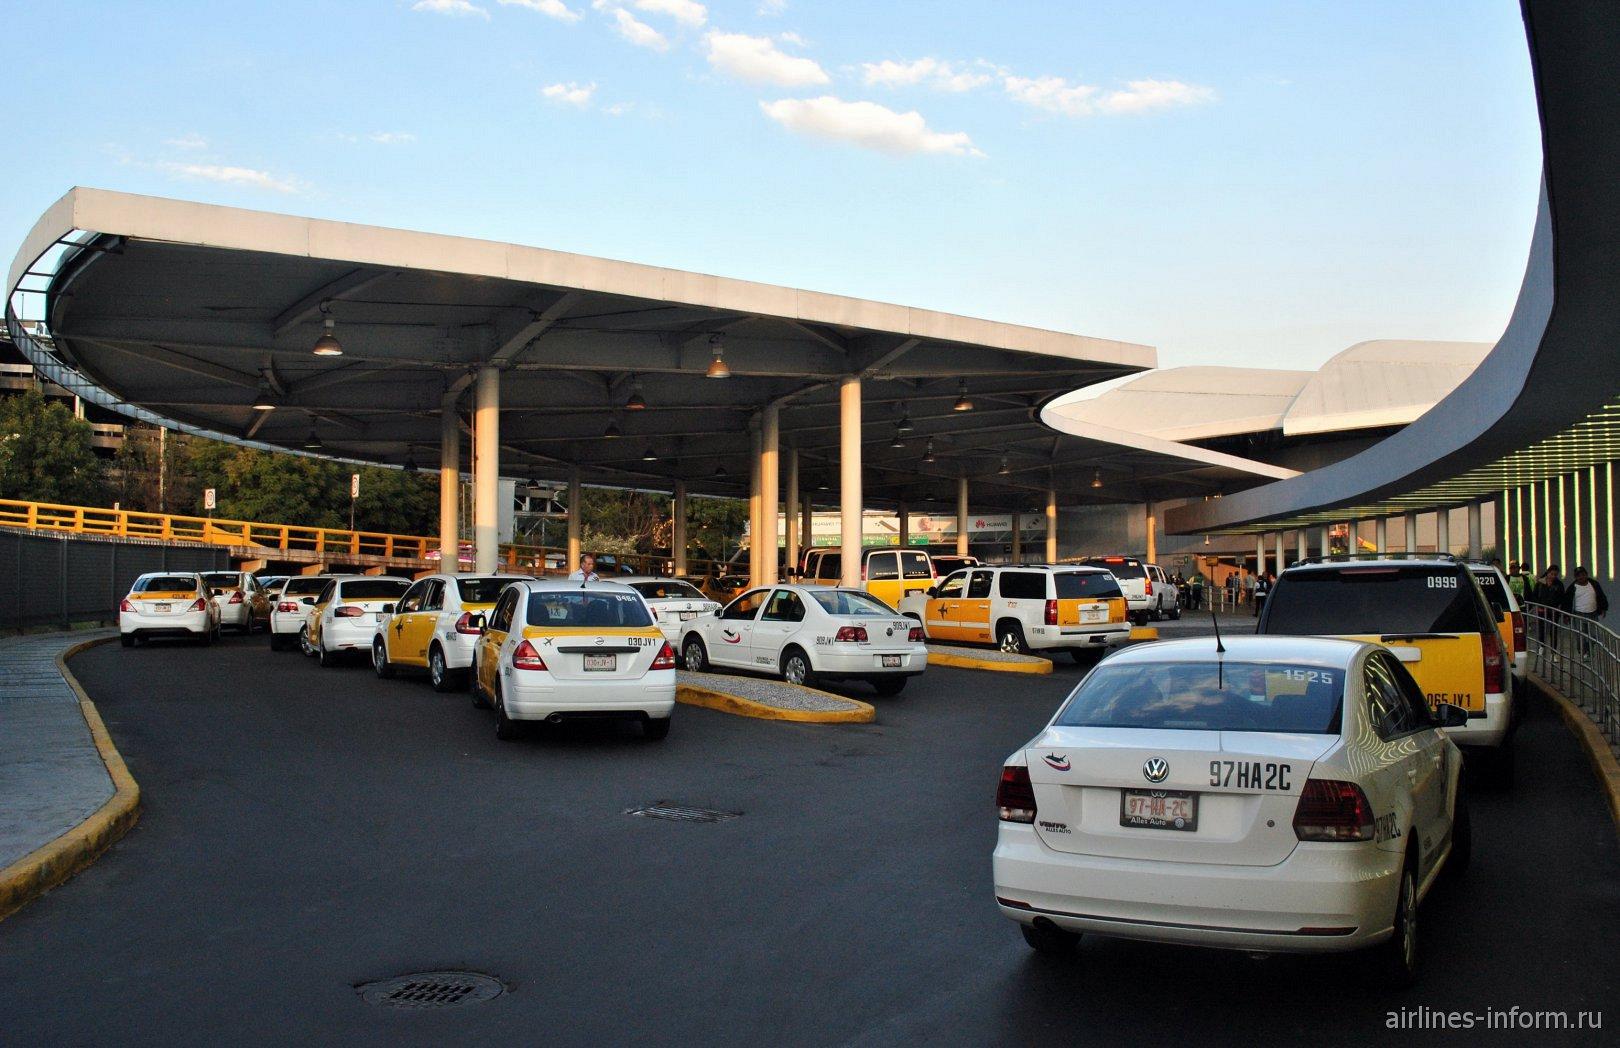 Стоянка такси у терминала Т1 аэропорта Мехико Бенито Хуарес